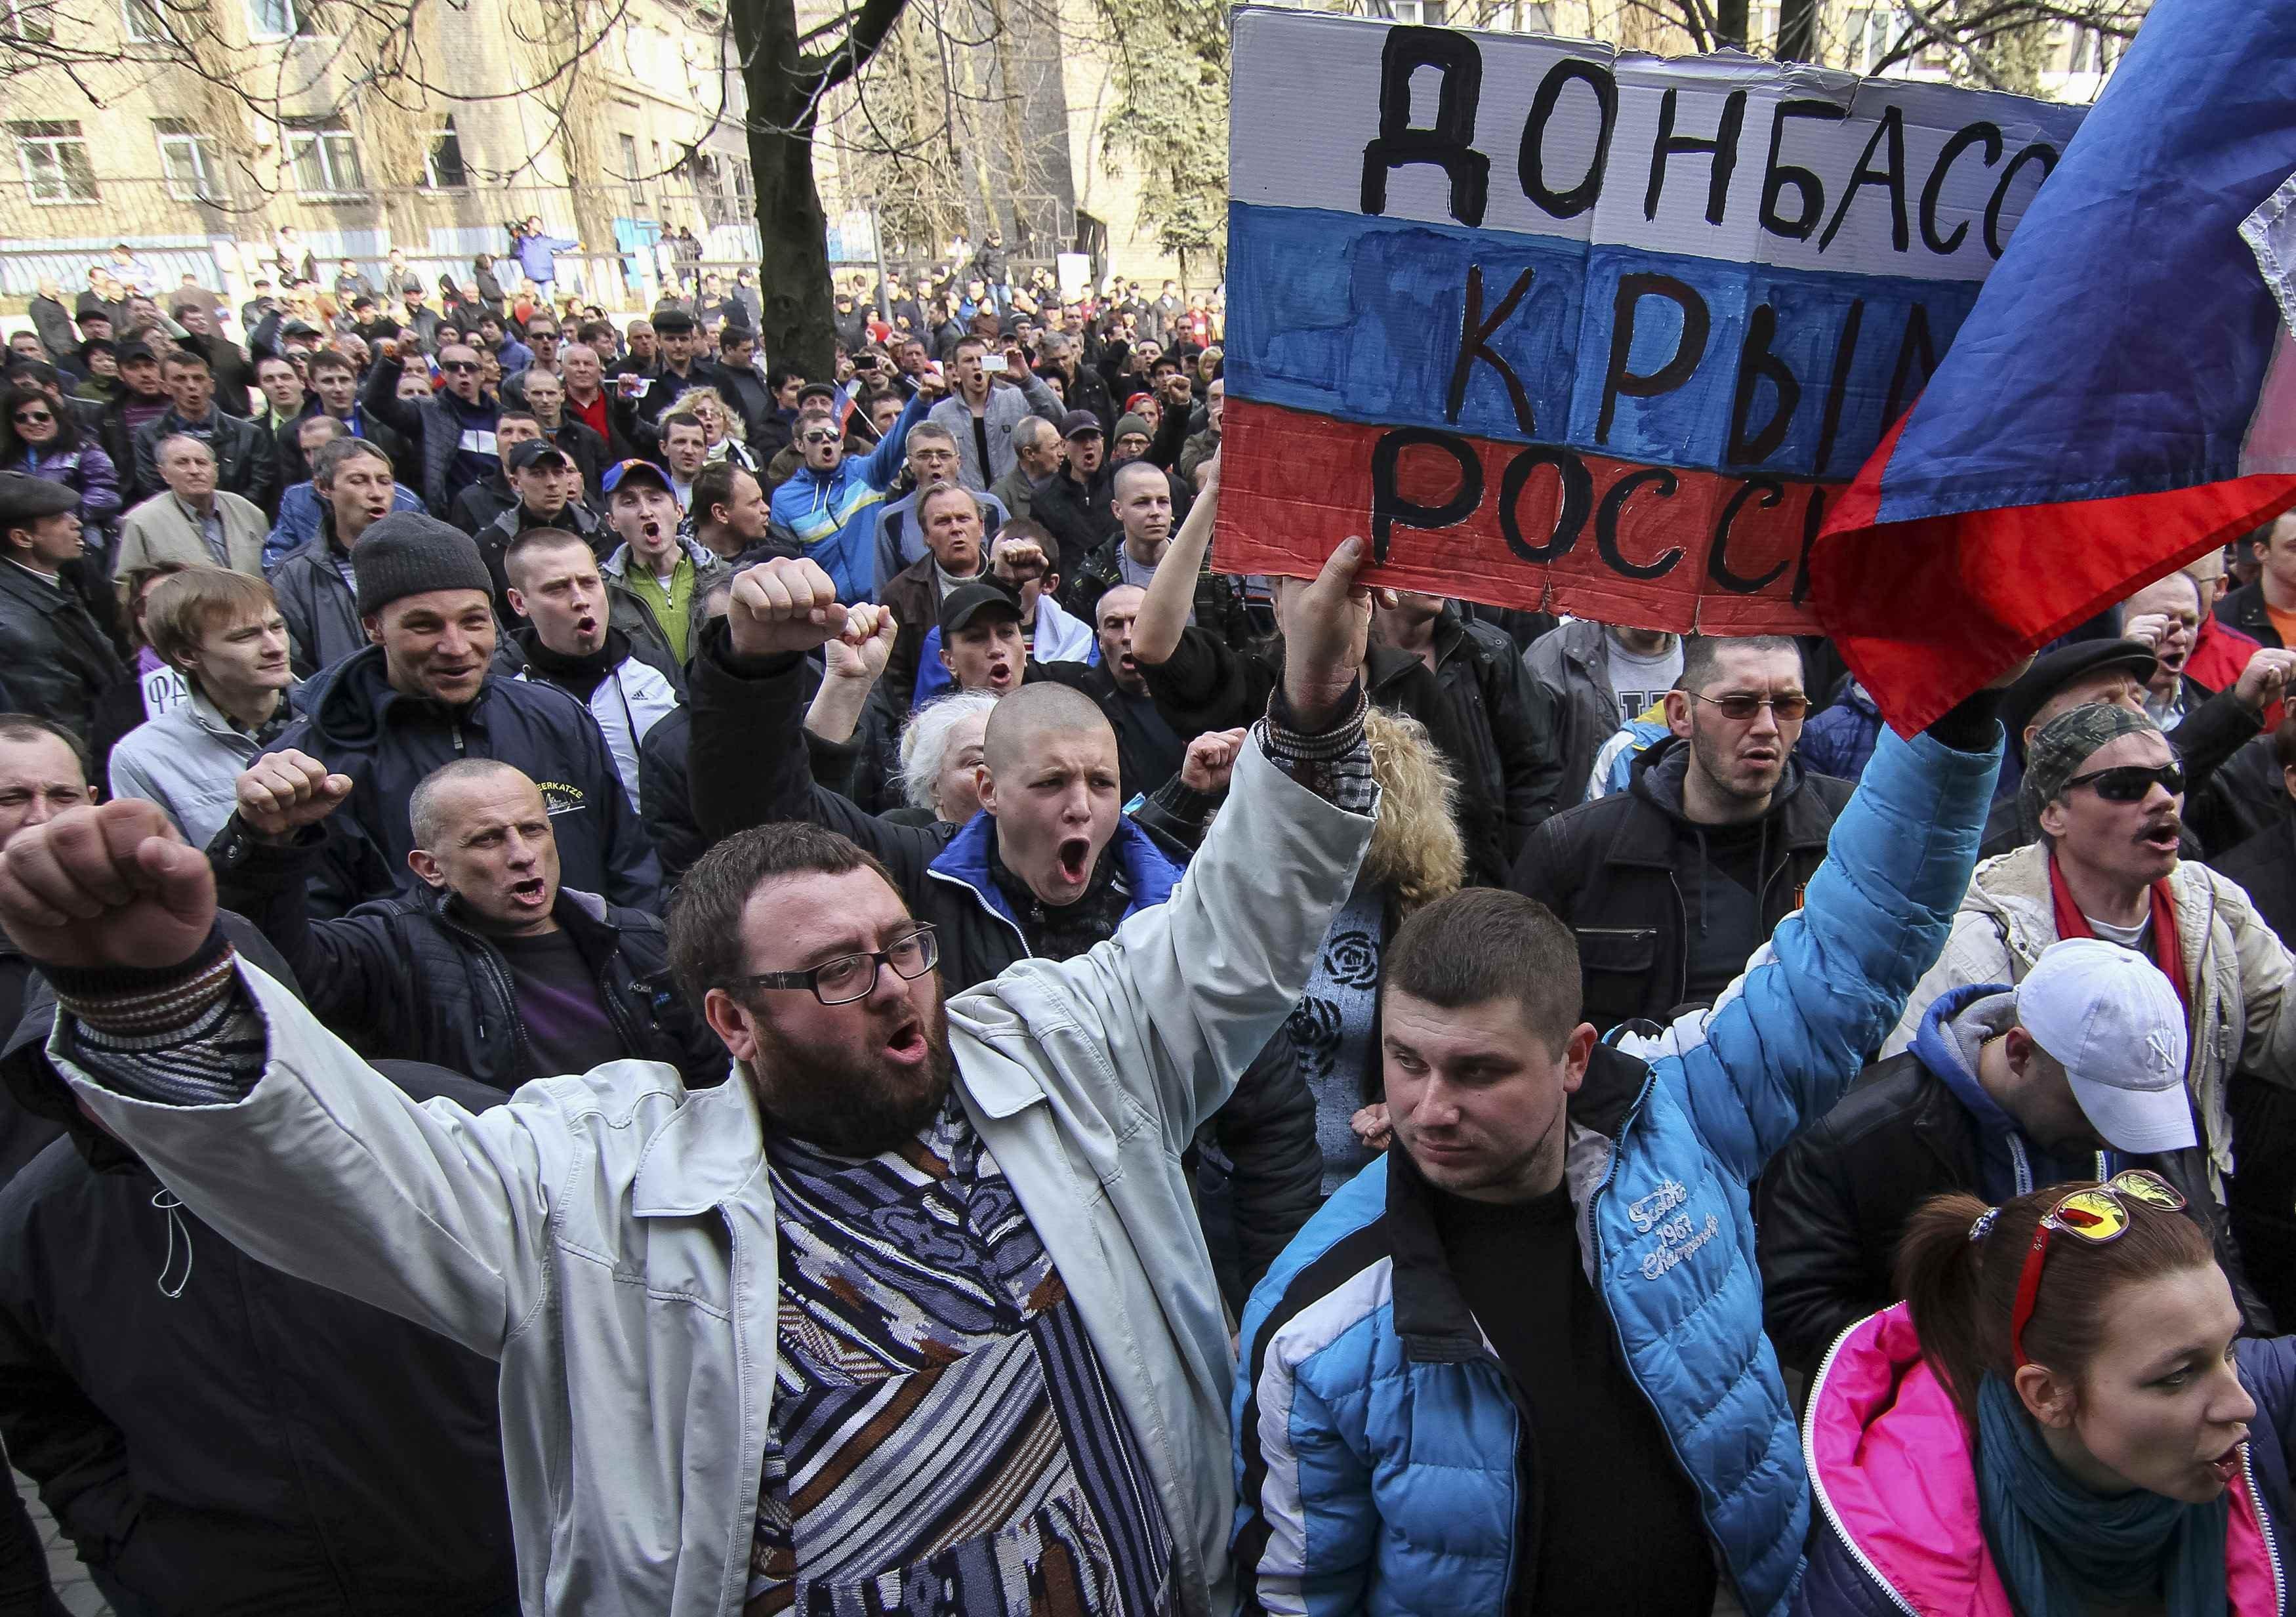 Соцвыплаты будут осуществляться только на подконтрольной Украине территории, - Кириленко - Цензор.НЕТ 6807